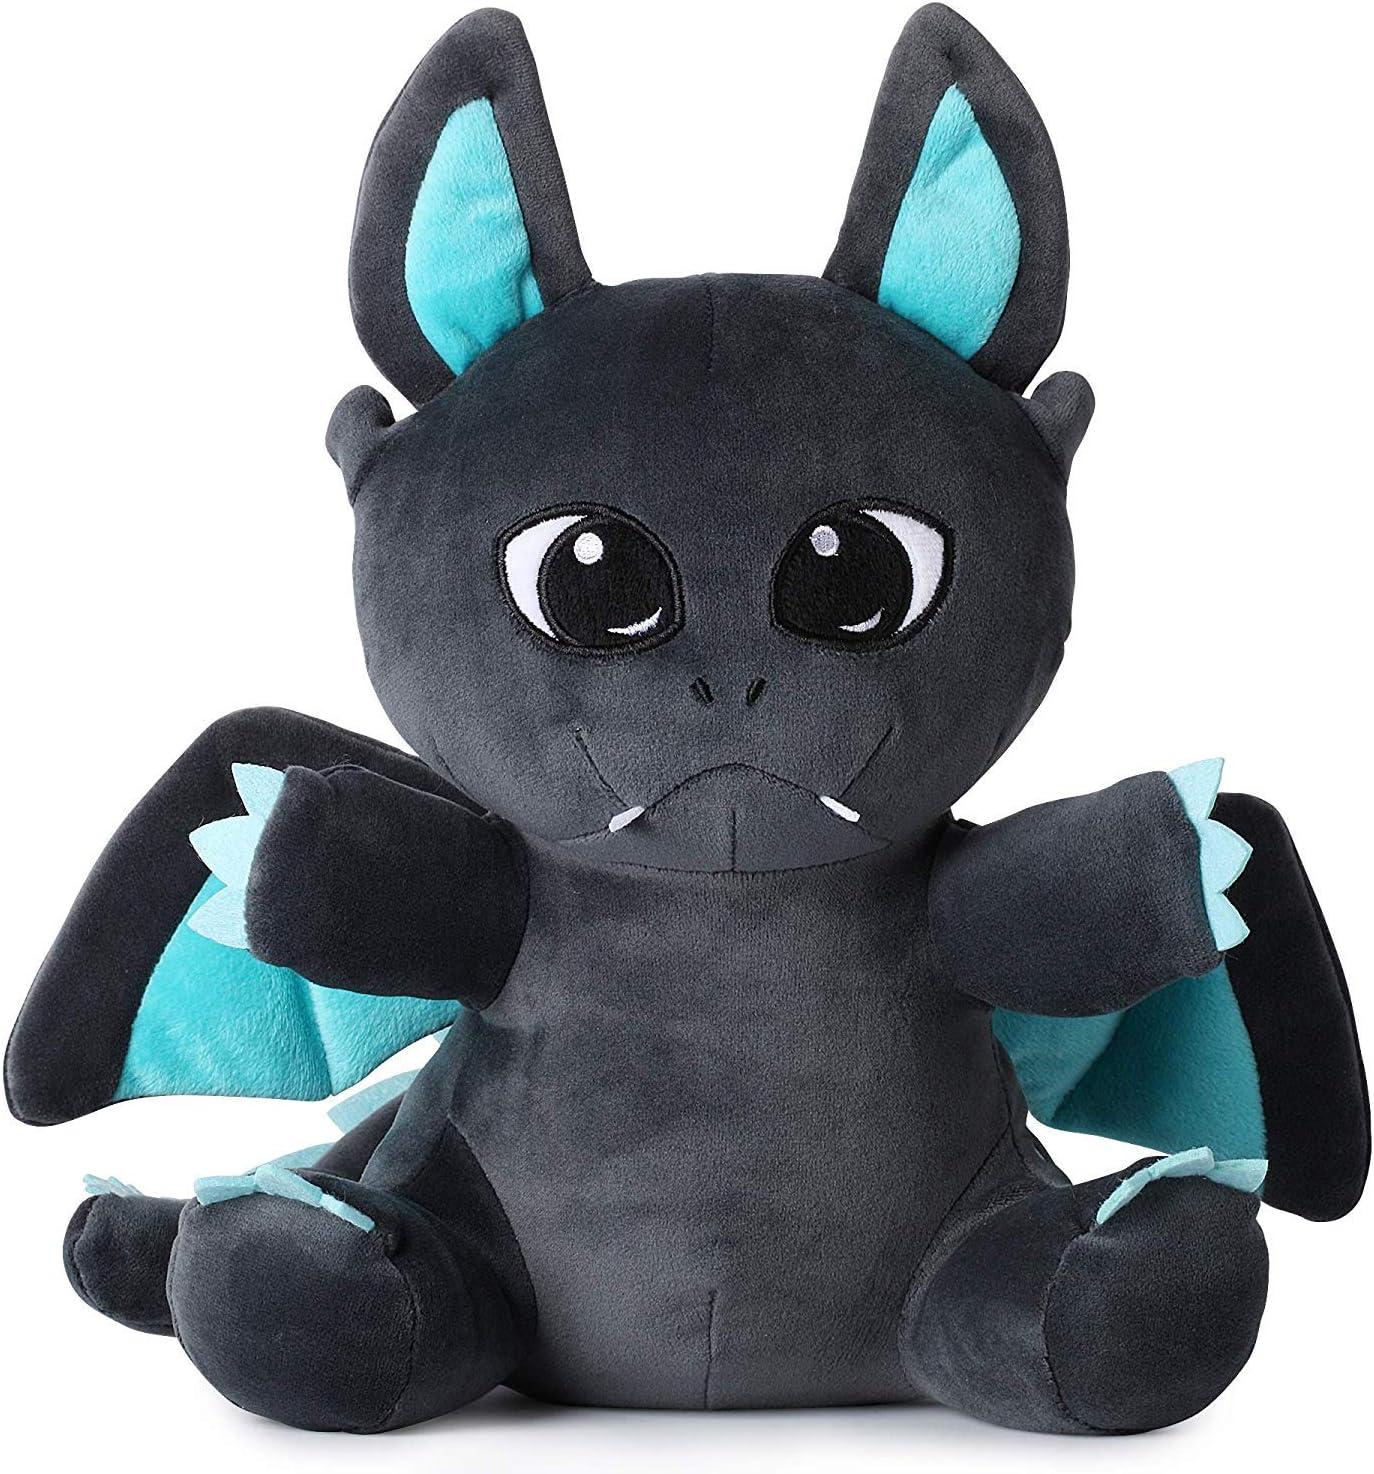 Corimori (6+ modelos) Animal de Peluche Juguete para Bebés y Niños, 30 Cm, Spark El Dragón, color negro, azul (1849-006)